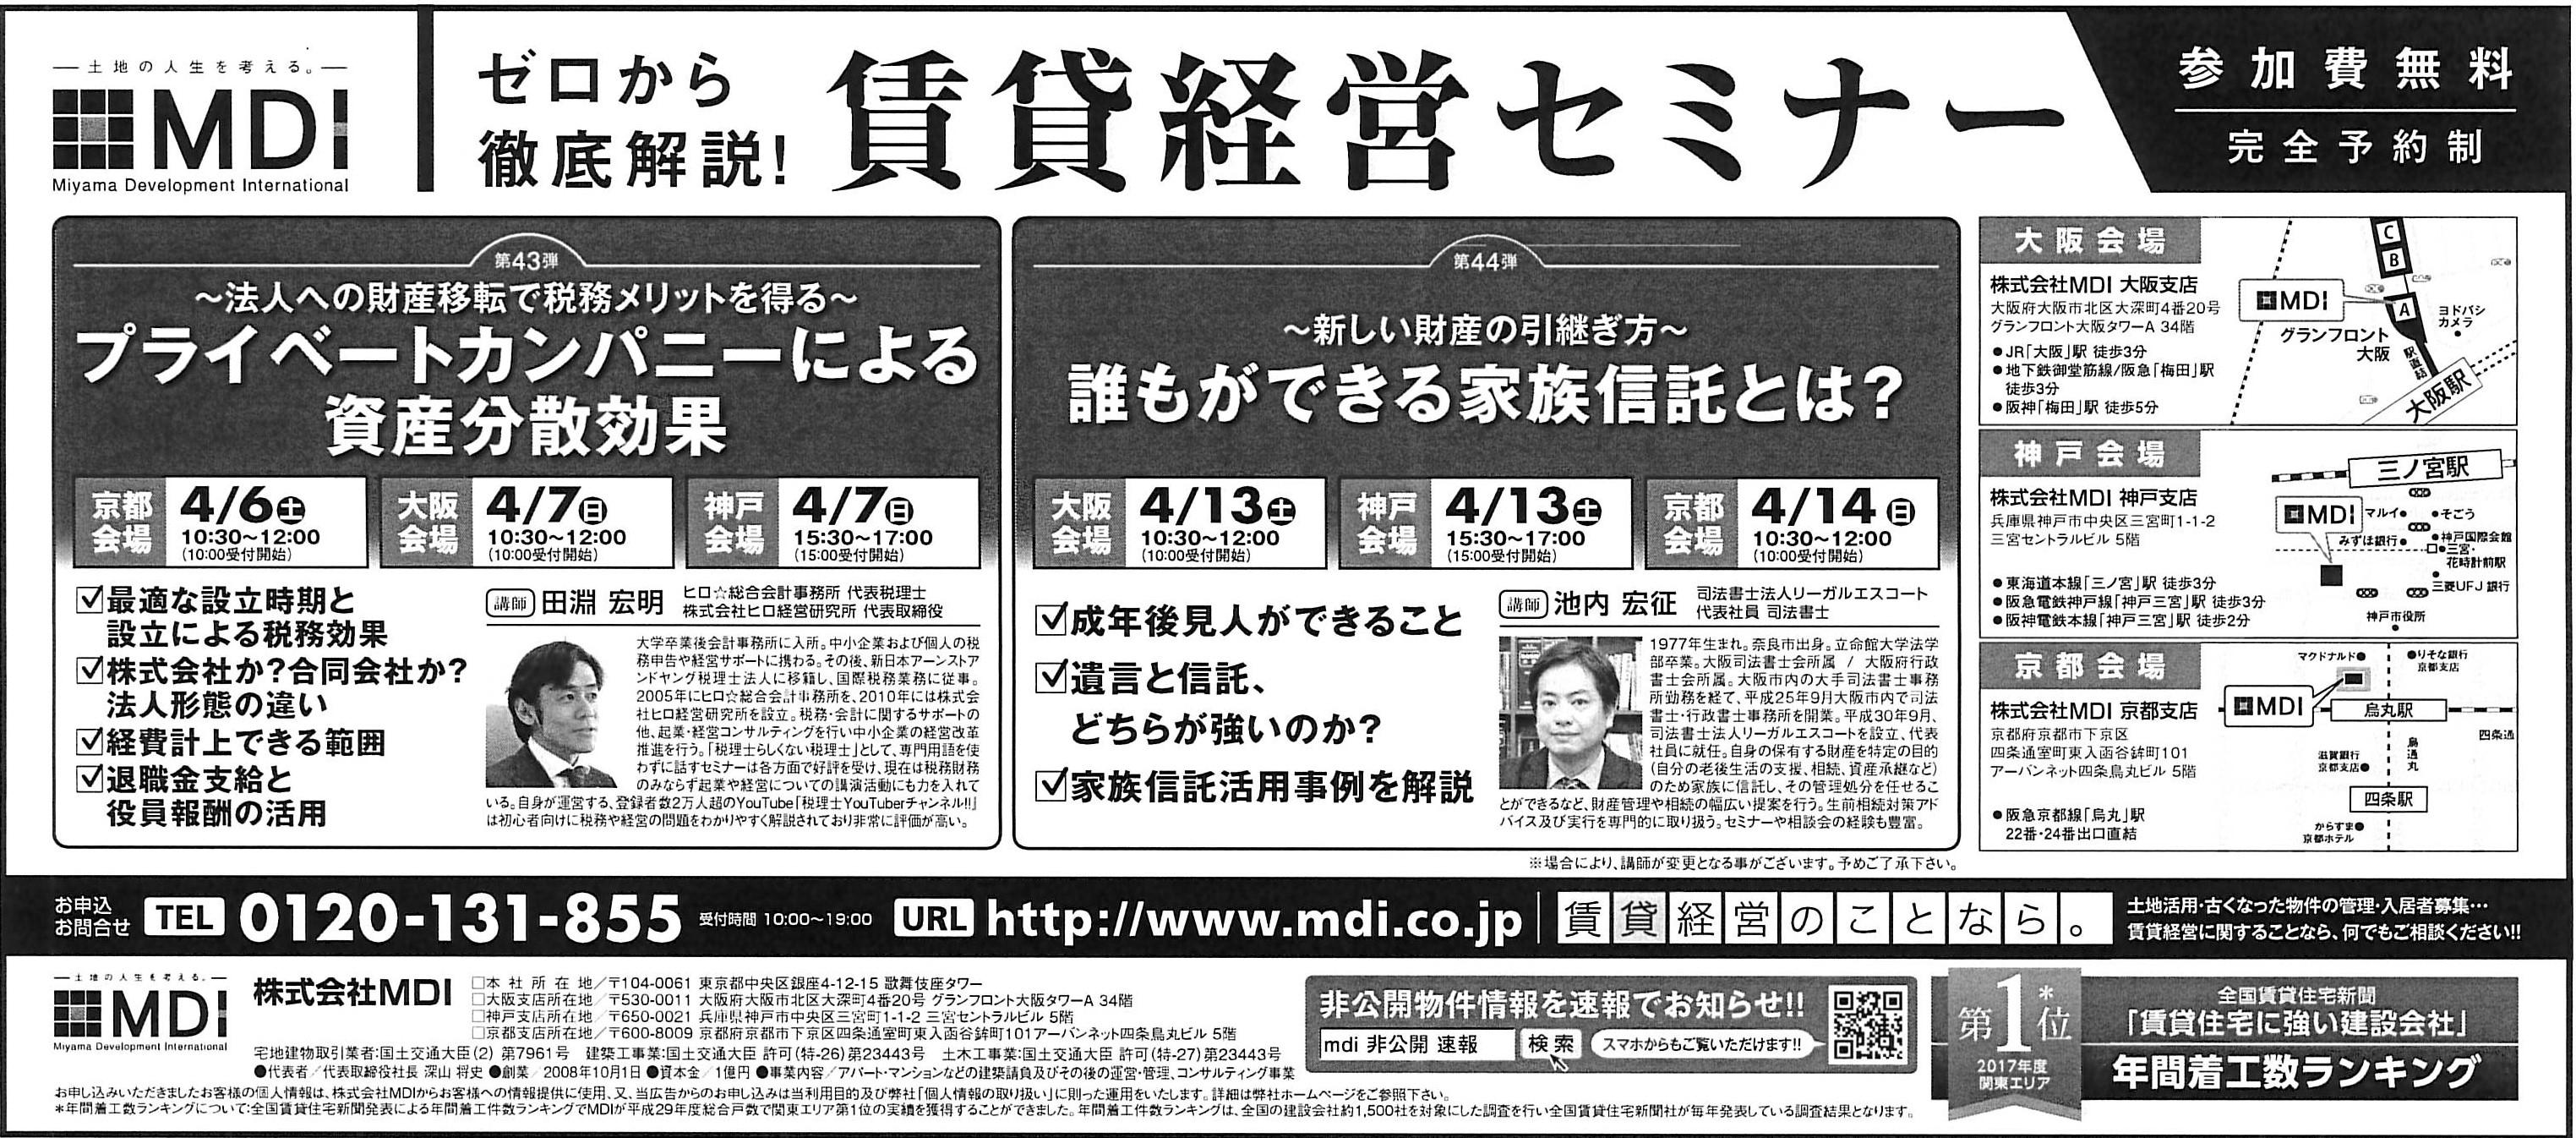 2019年3月16日・17日読売新聞、日経新聞に掲載されました。